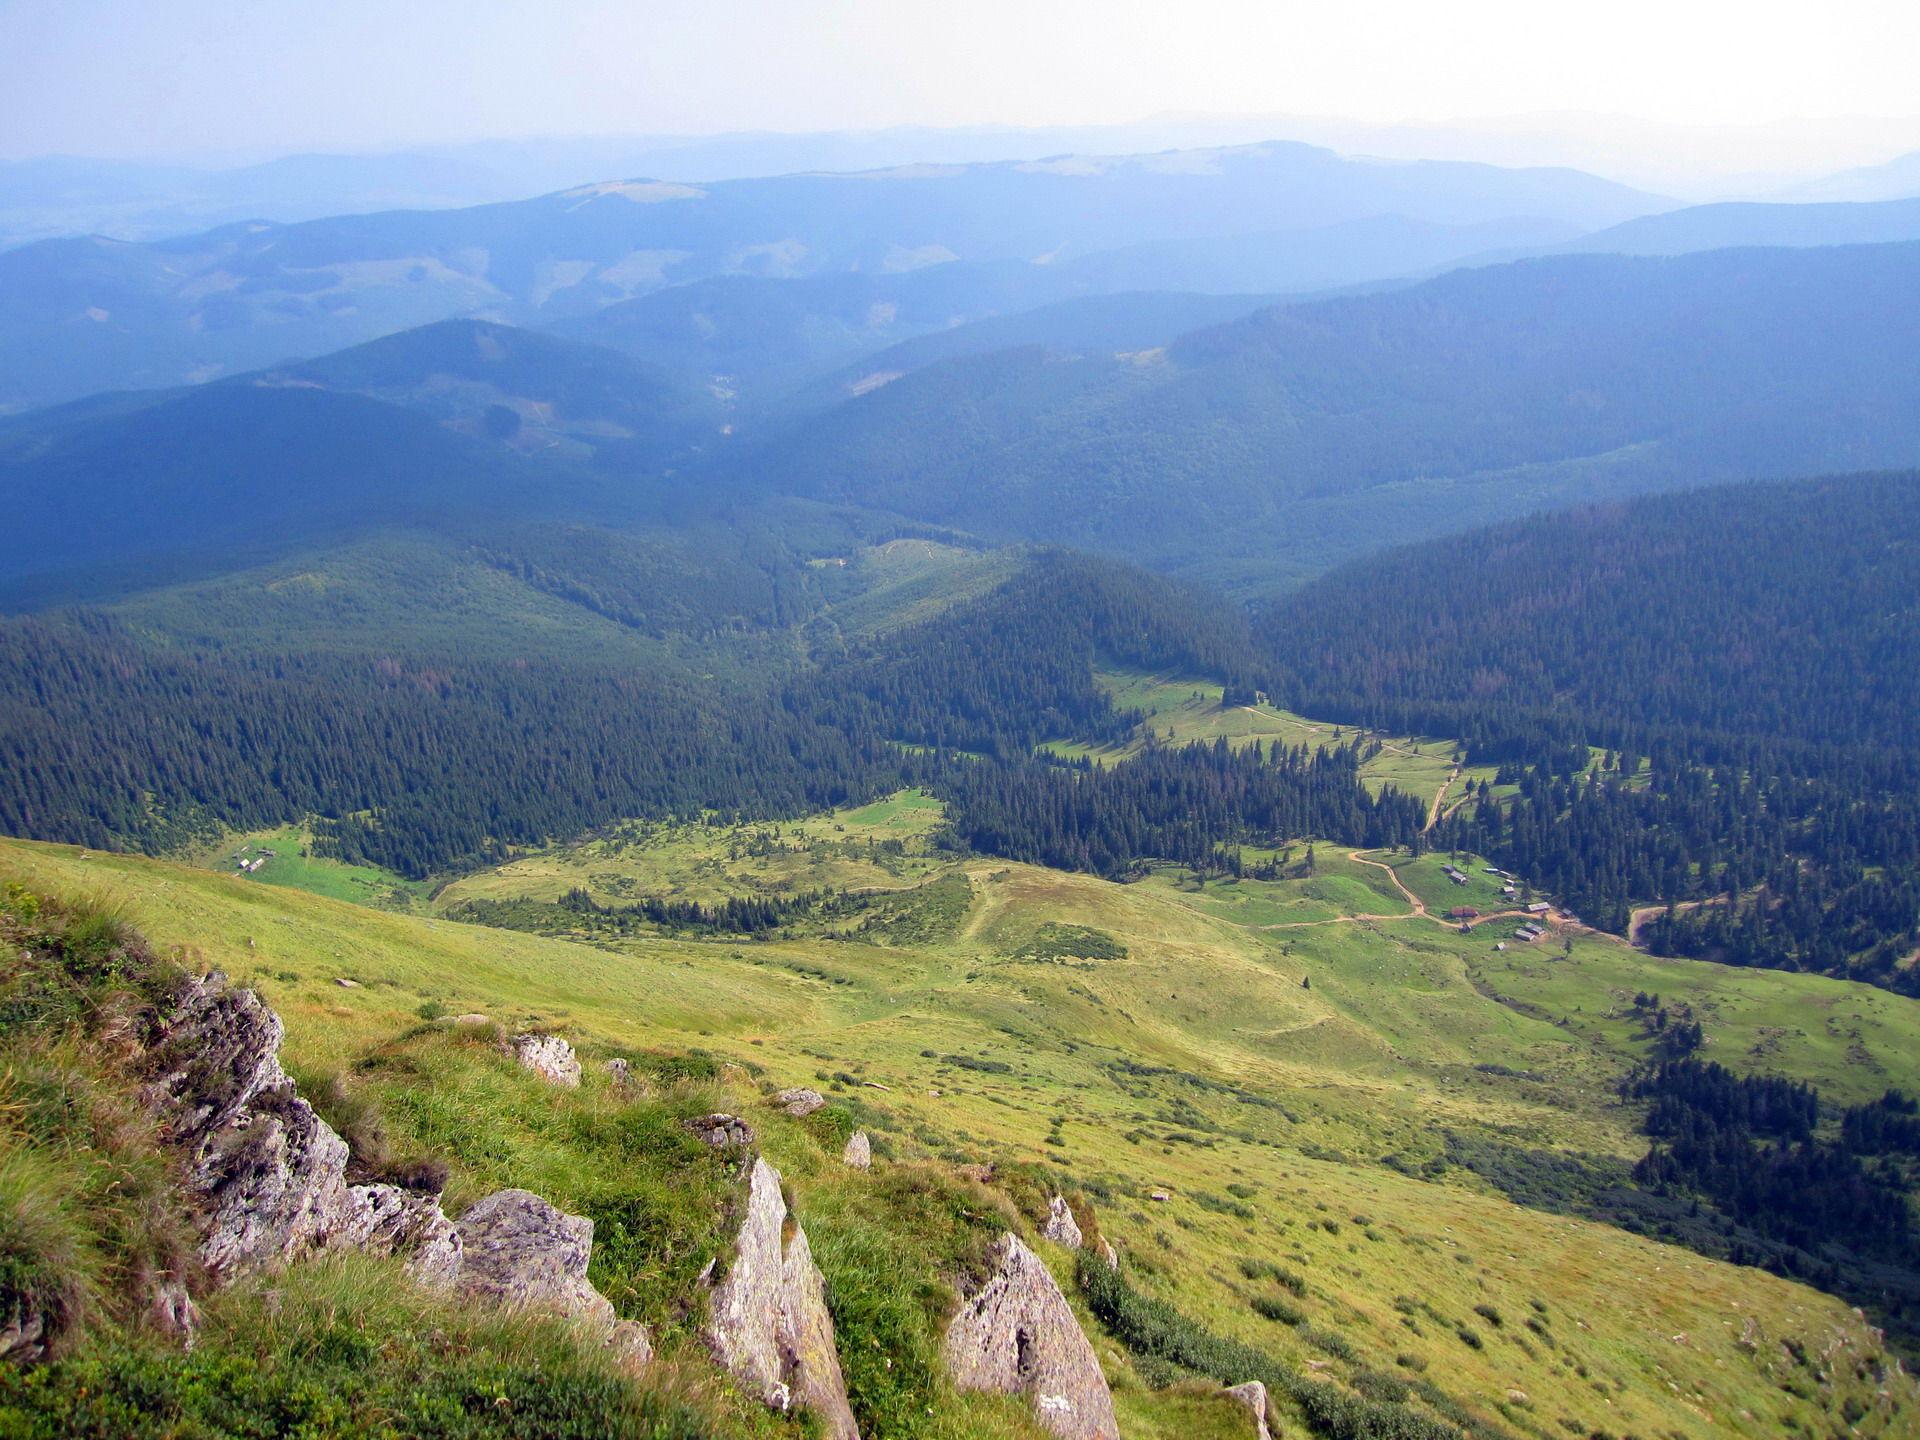 Підйом на гору Петрос, маршрут Чорногорою